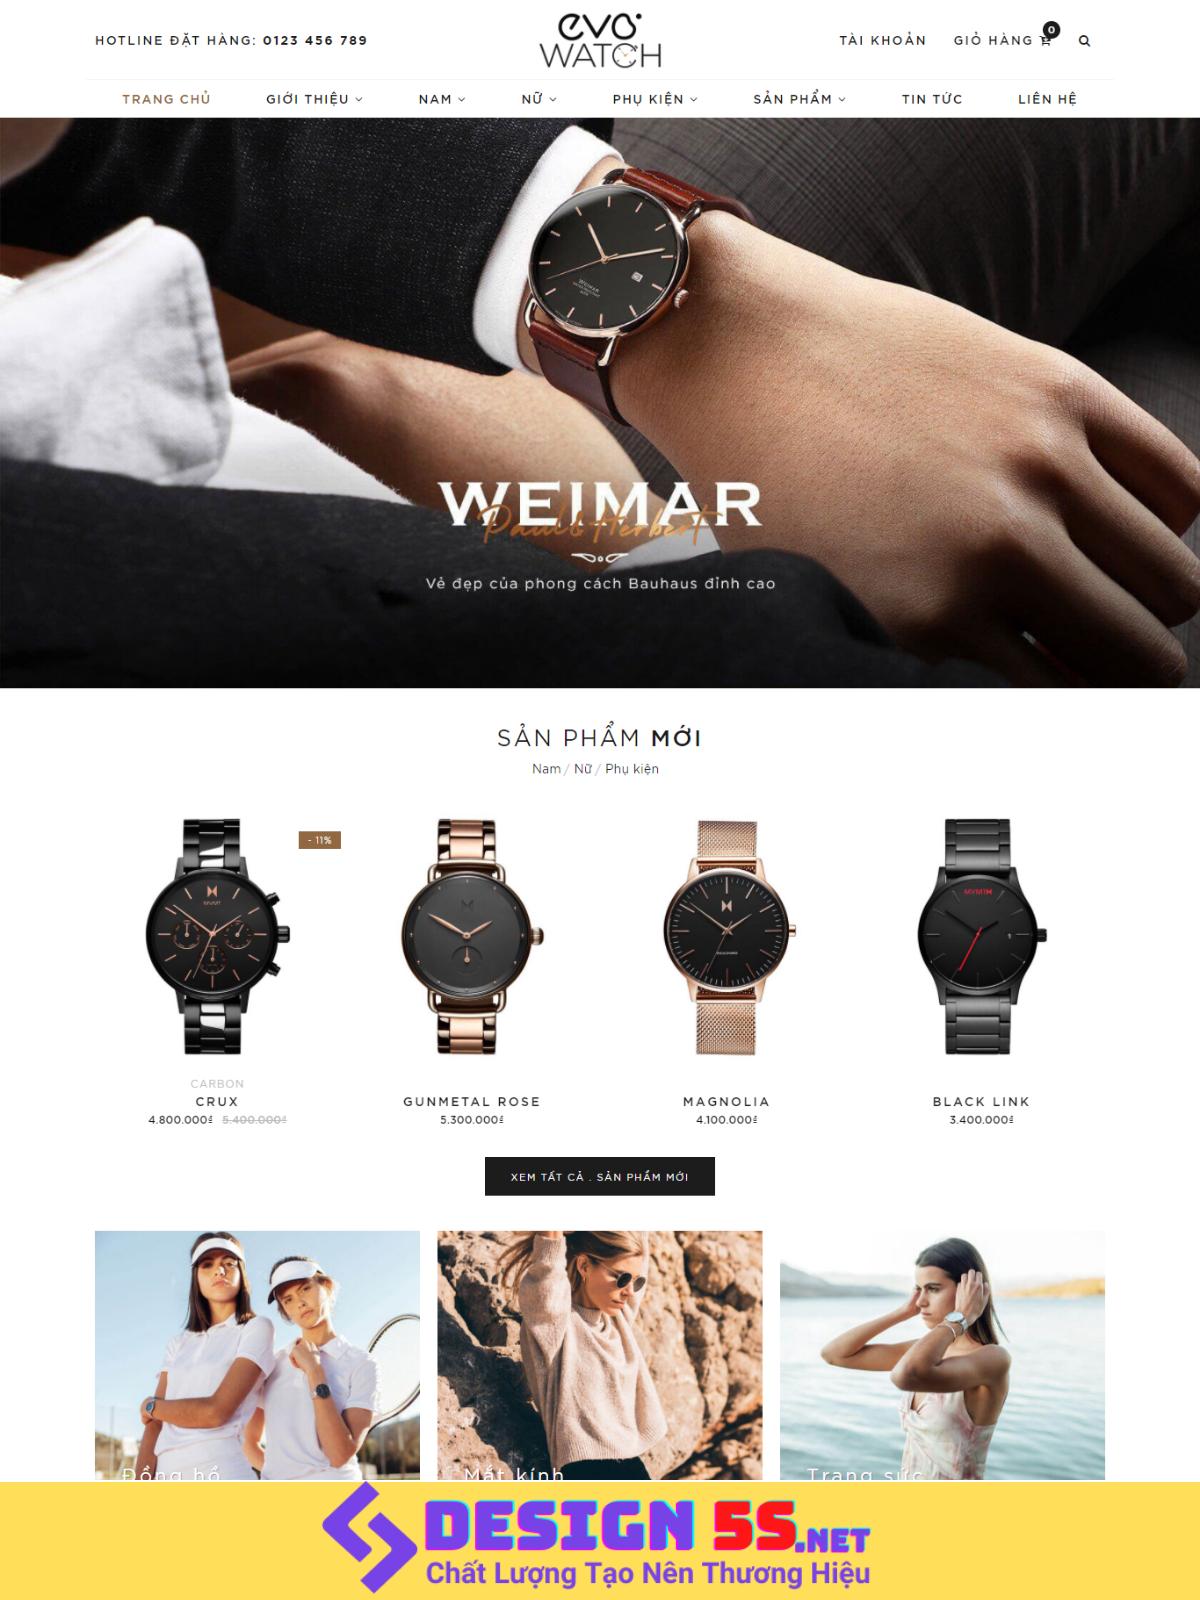 Theme blogspot bán hàng Đồng hồ đeo tay VSM85 - Ảnh 1